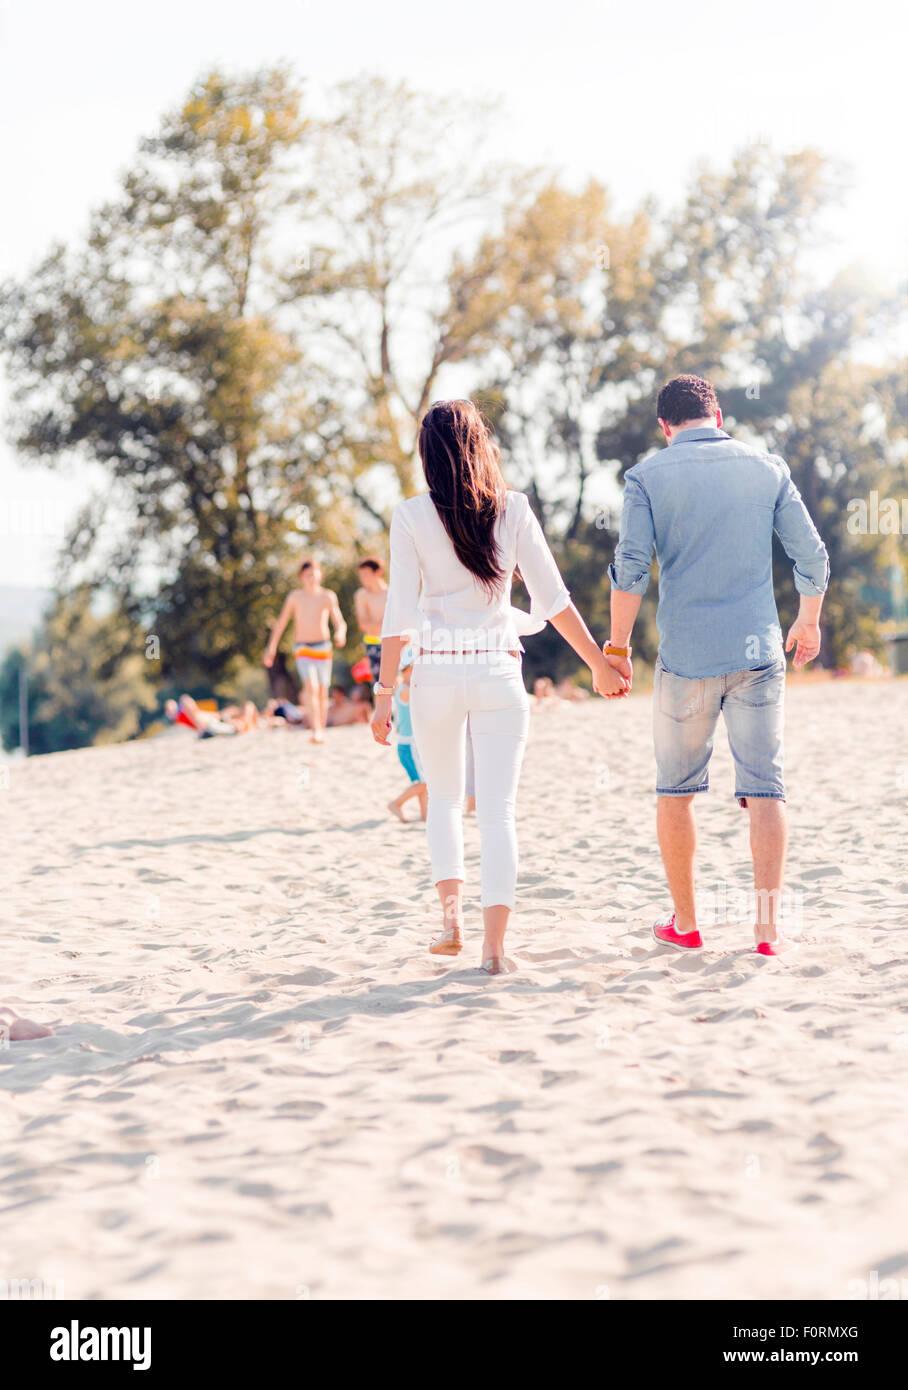 Giovane tenendo le mani e piedi su di una spiaggia di sabbia Immagini Stock